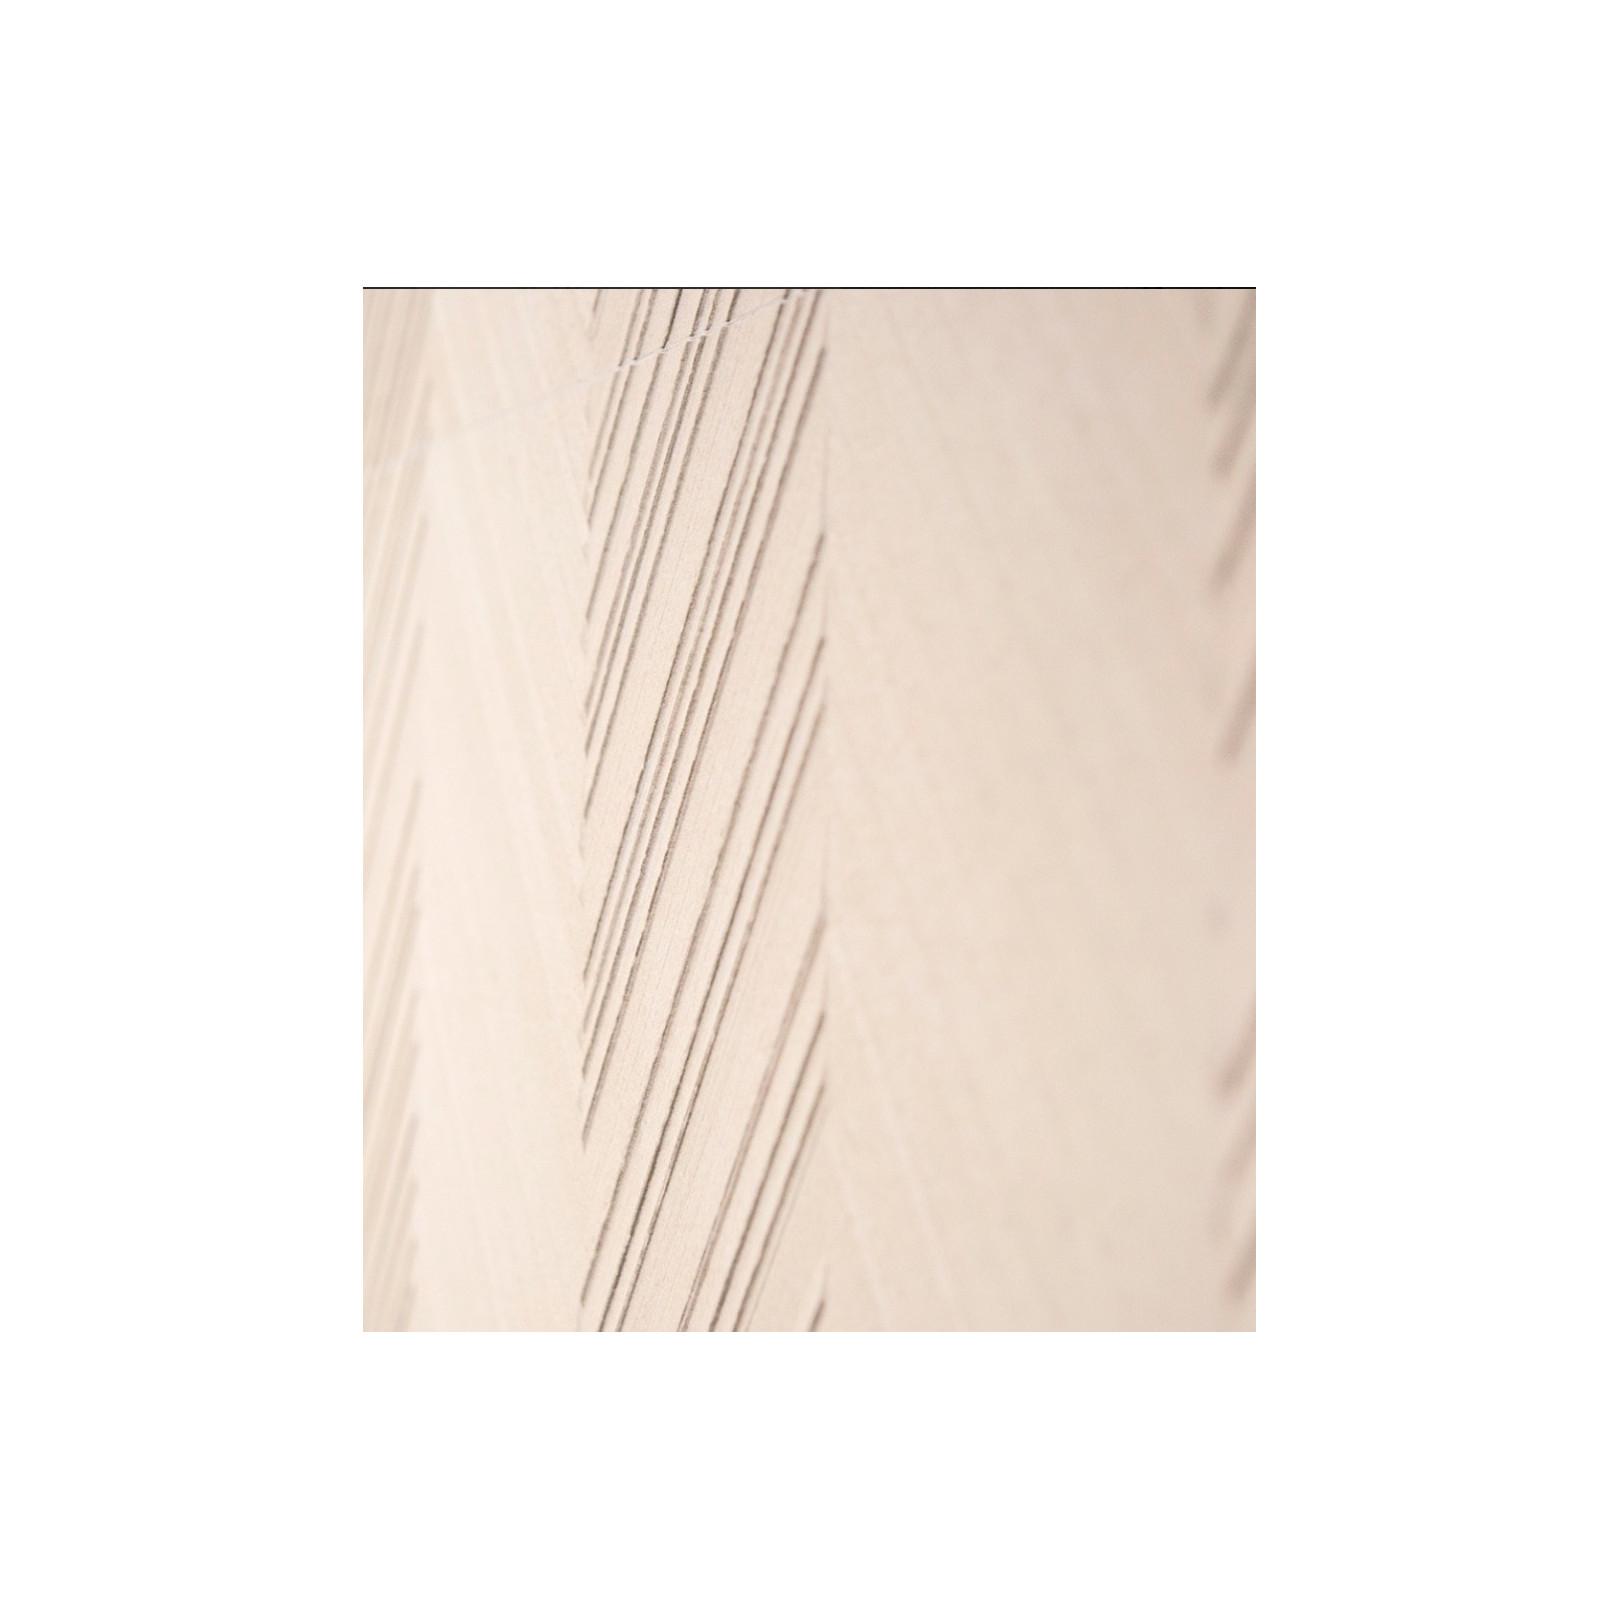 Carrelage faïence effet beton, ciment brut Gubi Wall (4 couleurs, 3 finitions)